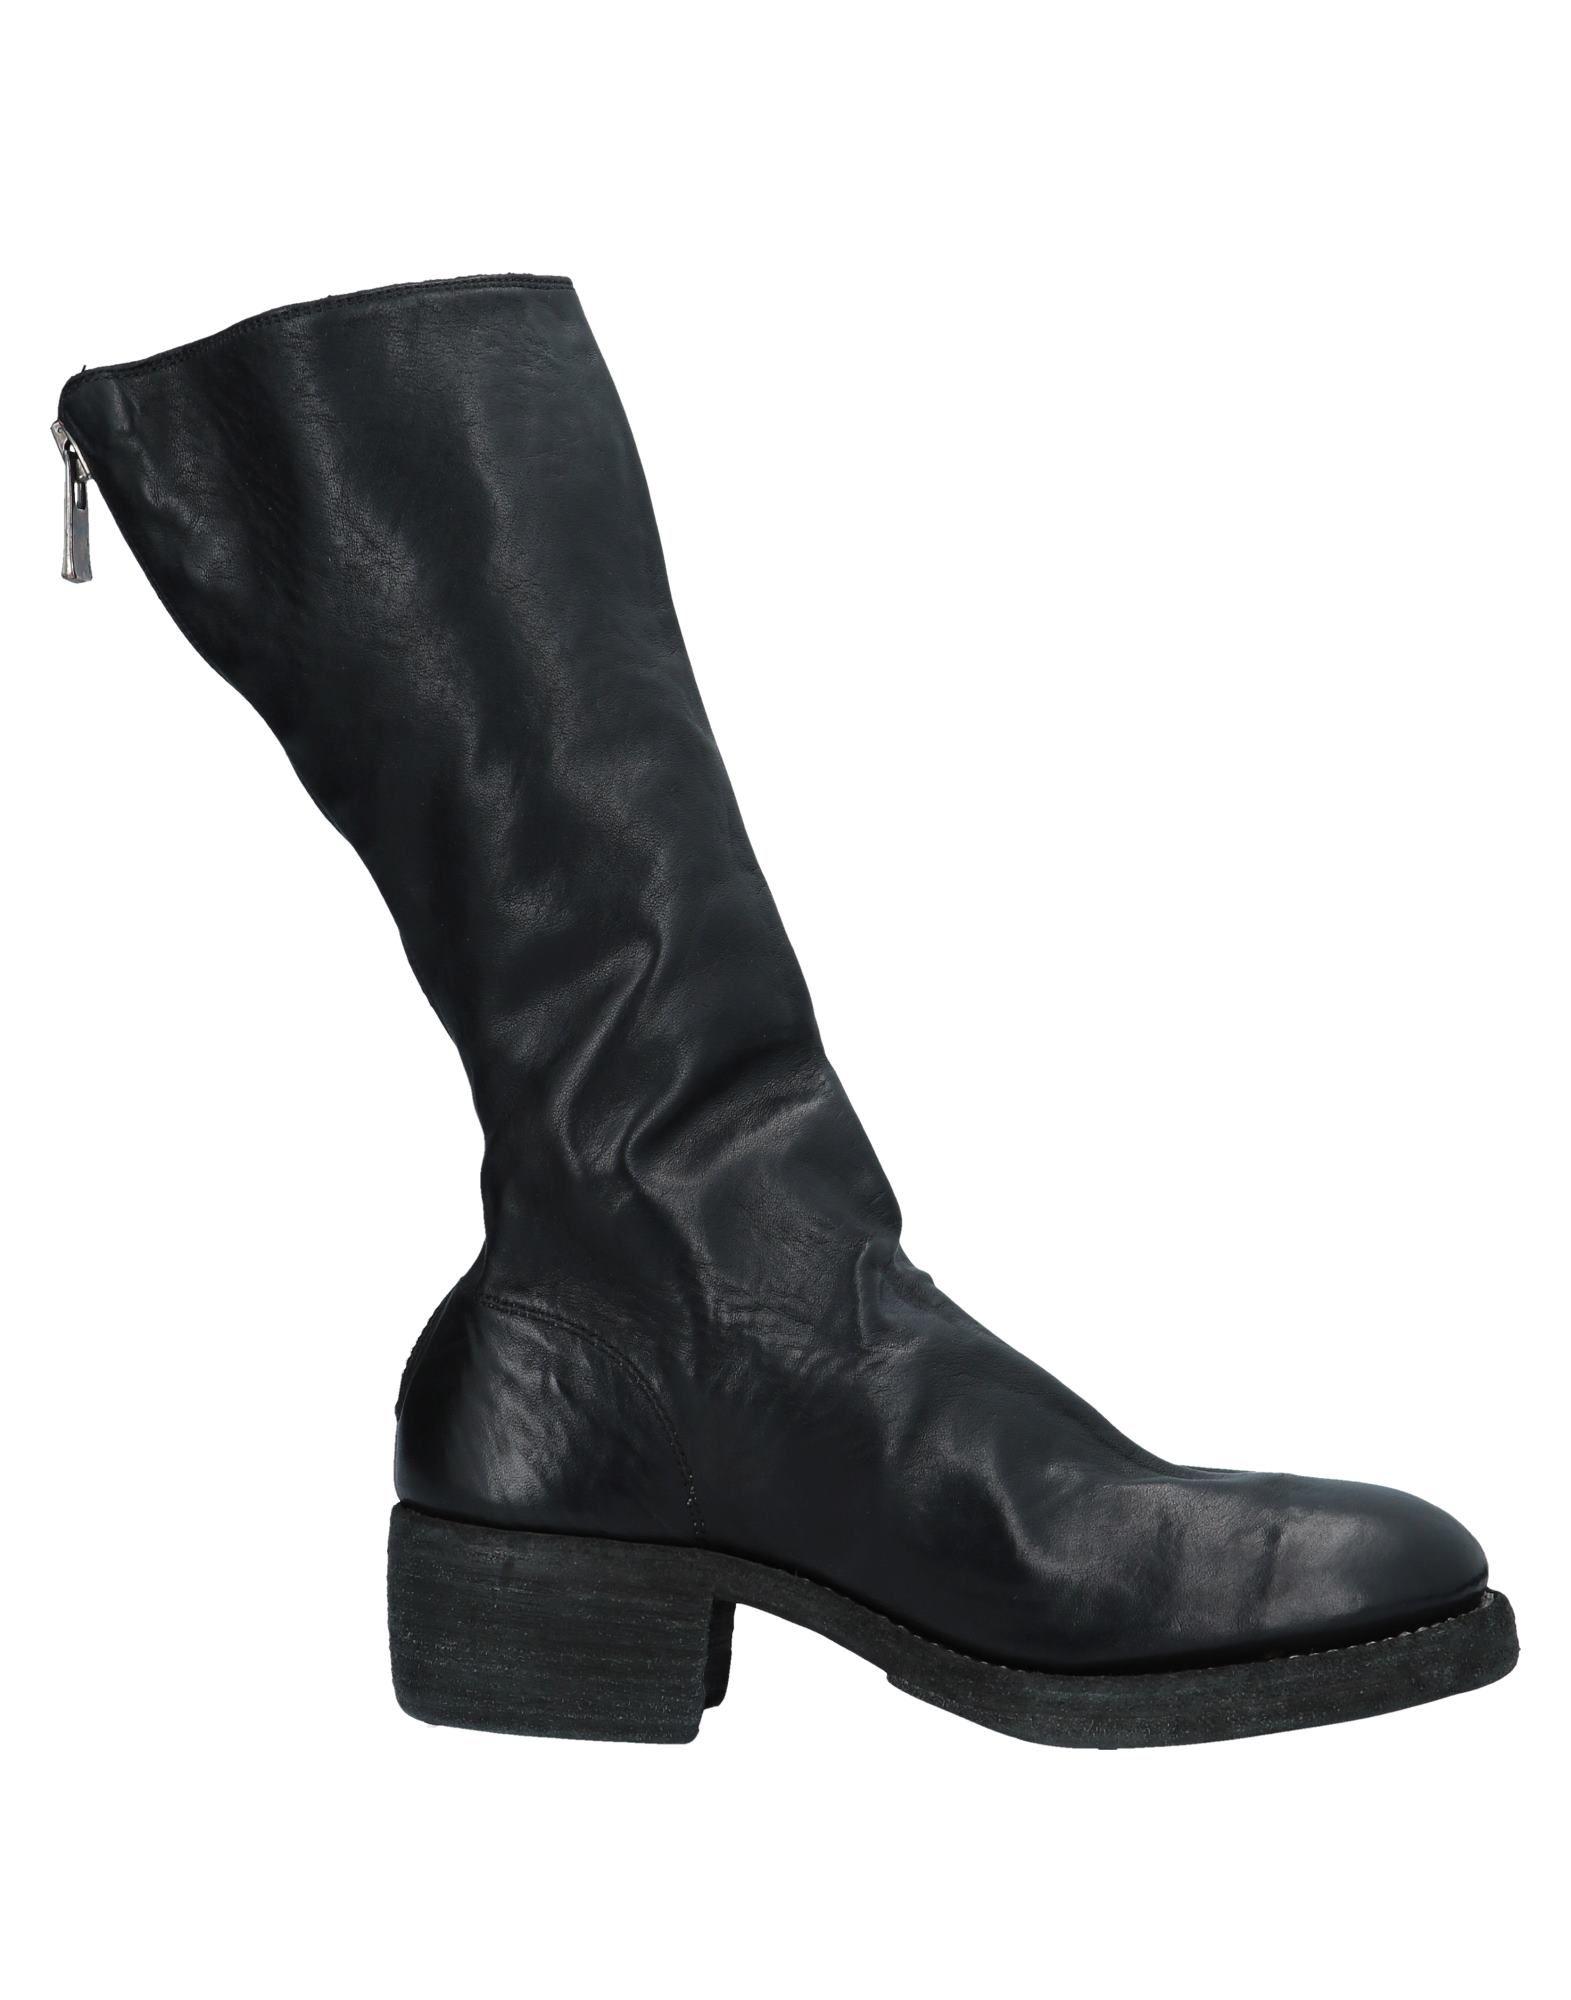 Guidi Stiefel Stiefel Guidi Damen Gutes Preis-Leistungs-Verhältnis, es lohnt sich 264ea1